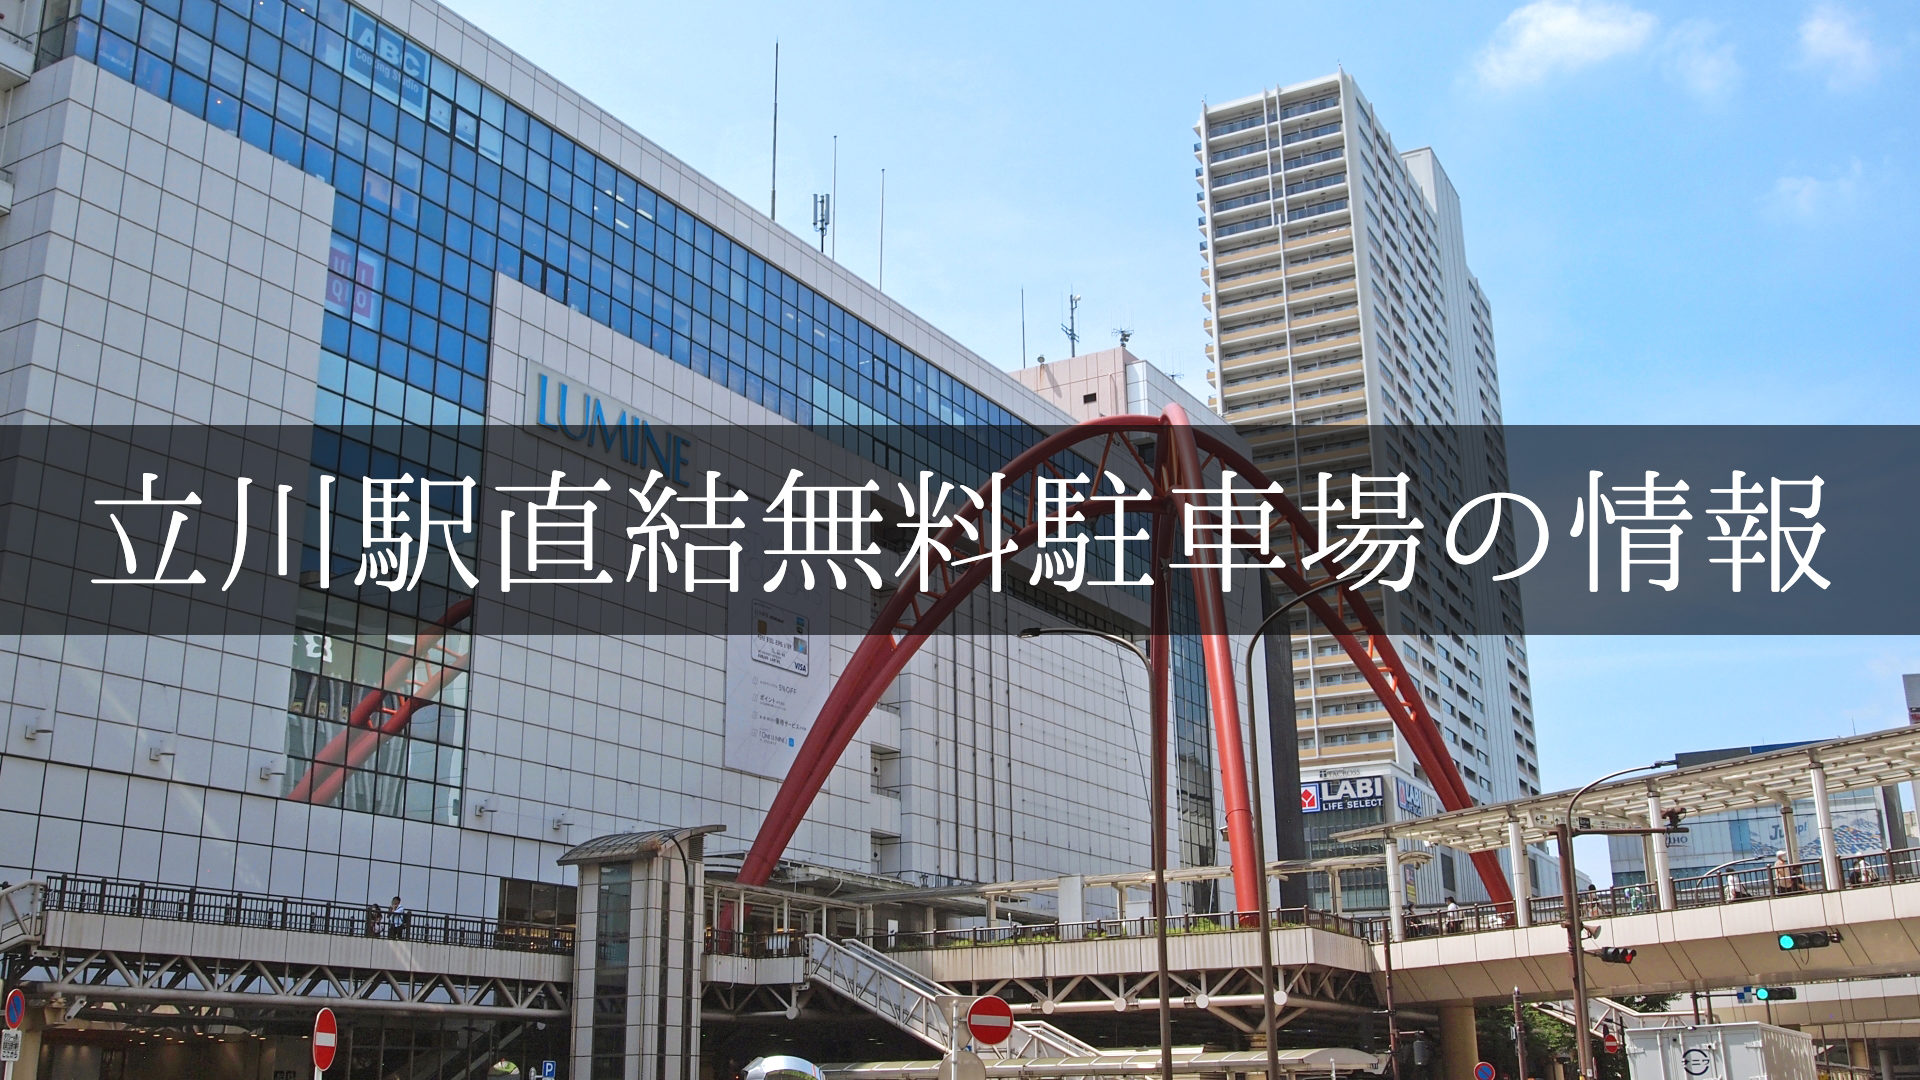 立川駅無料駐車場の情報について